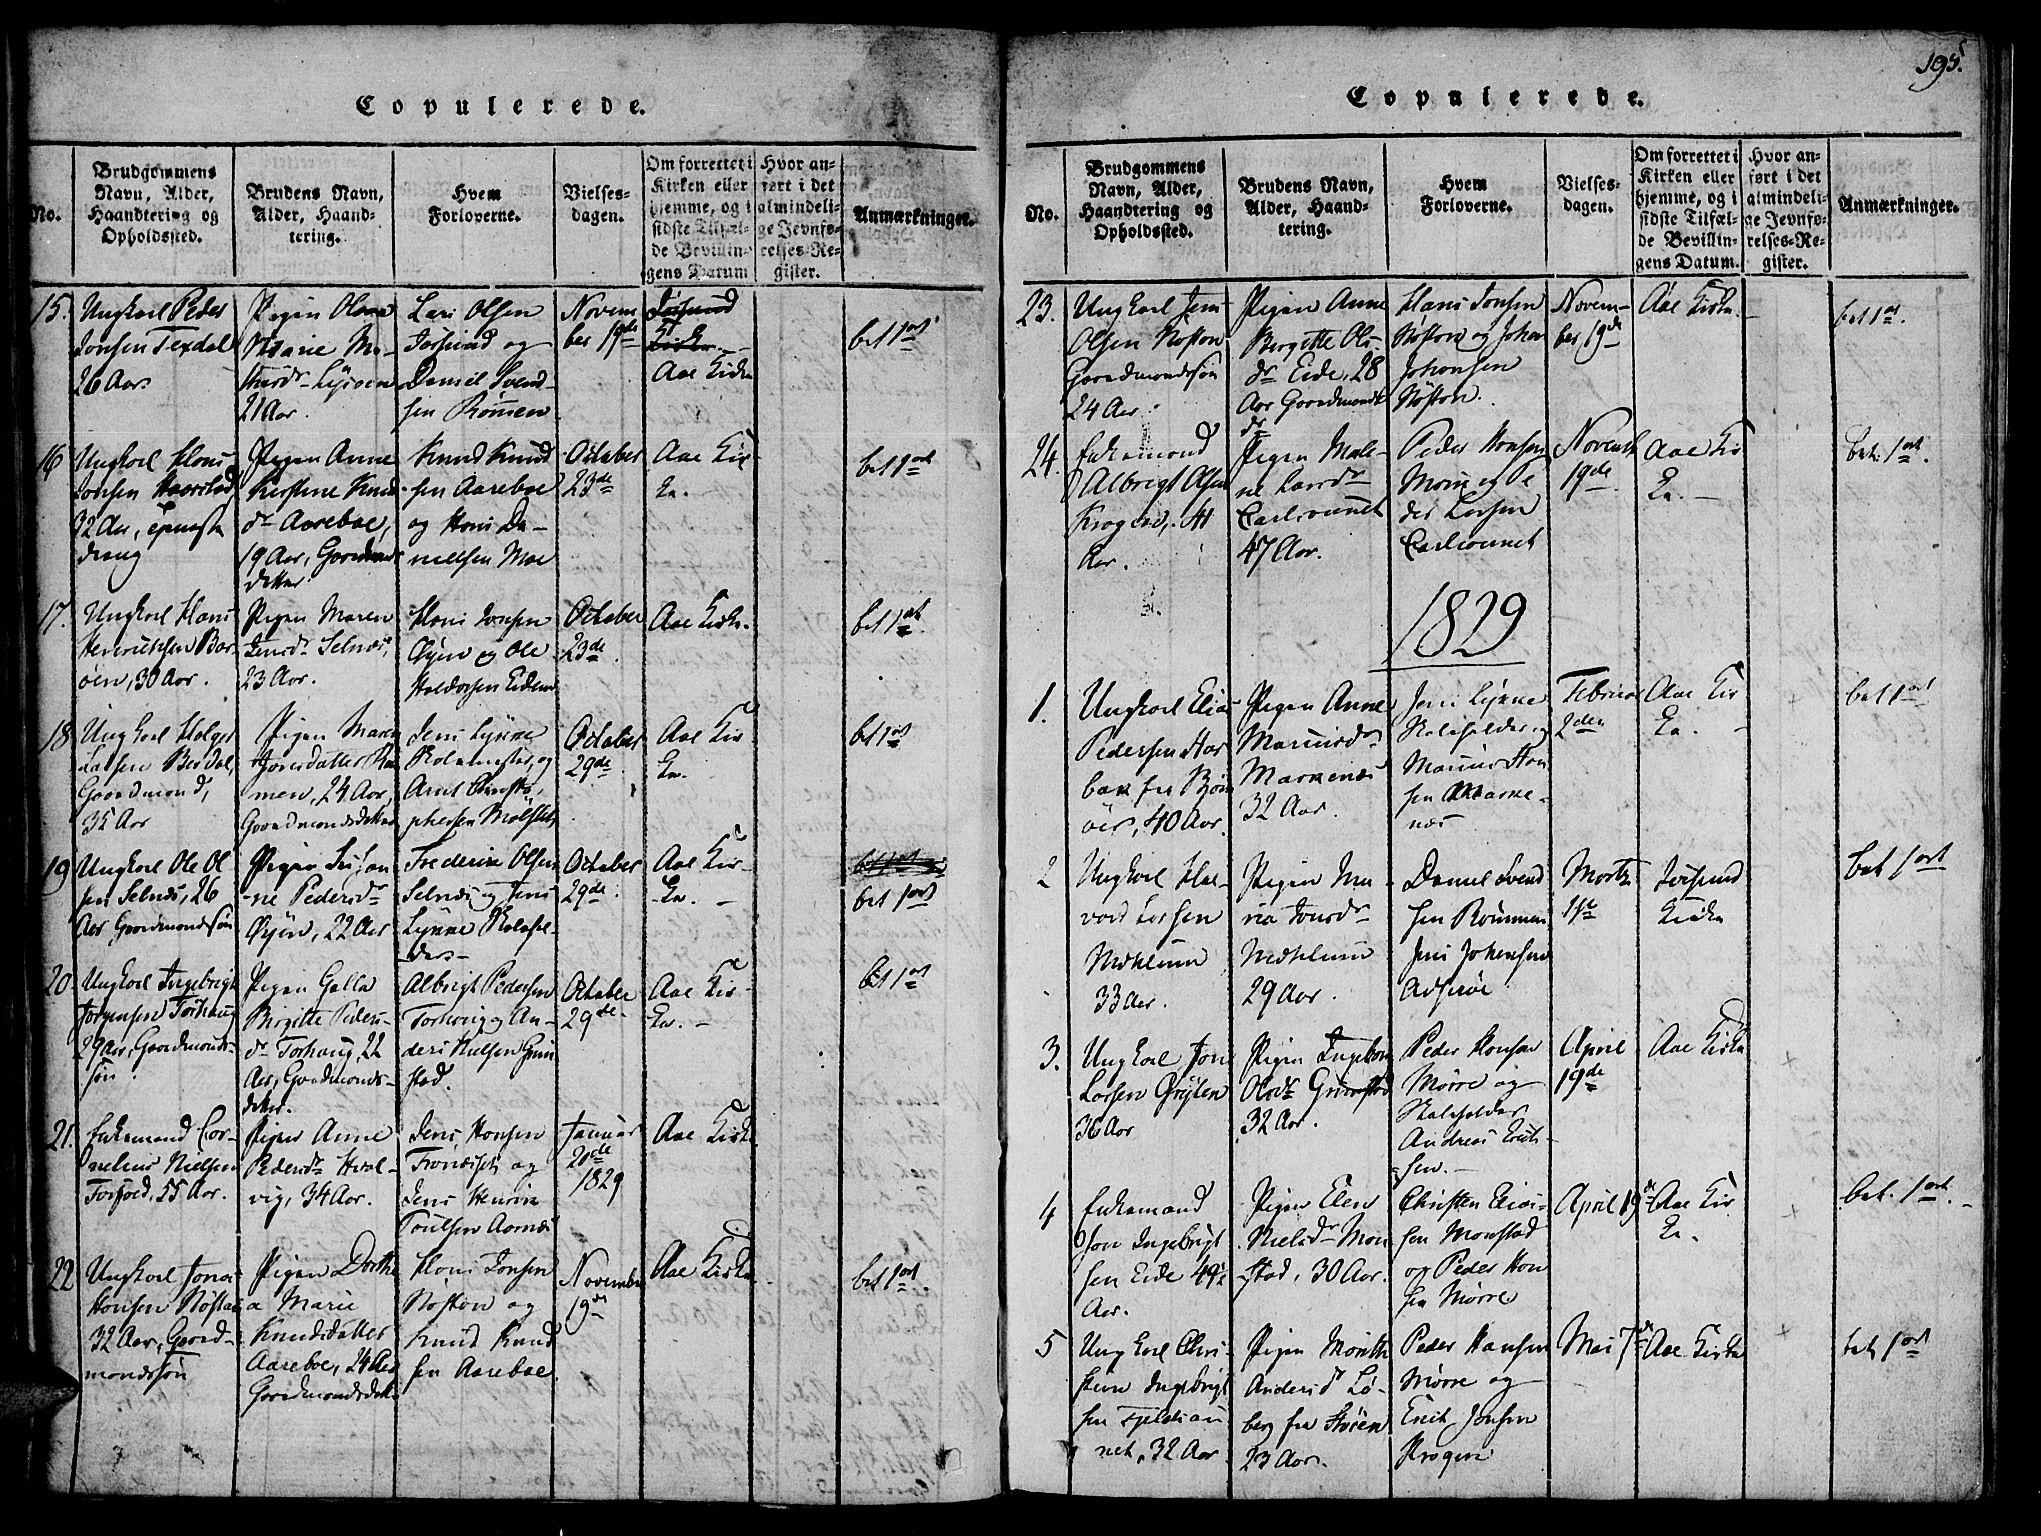 SAT, Ministerialprotokoller, klokkerbøker og fødselsregistre - Sør-Trøndelag, 655/L0675: Ministerialbok nr. 655A04, 1818-1830, s. 195